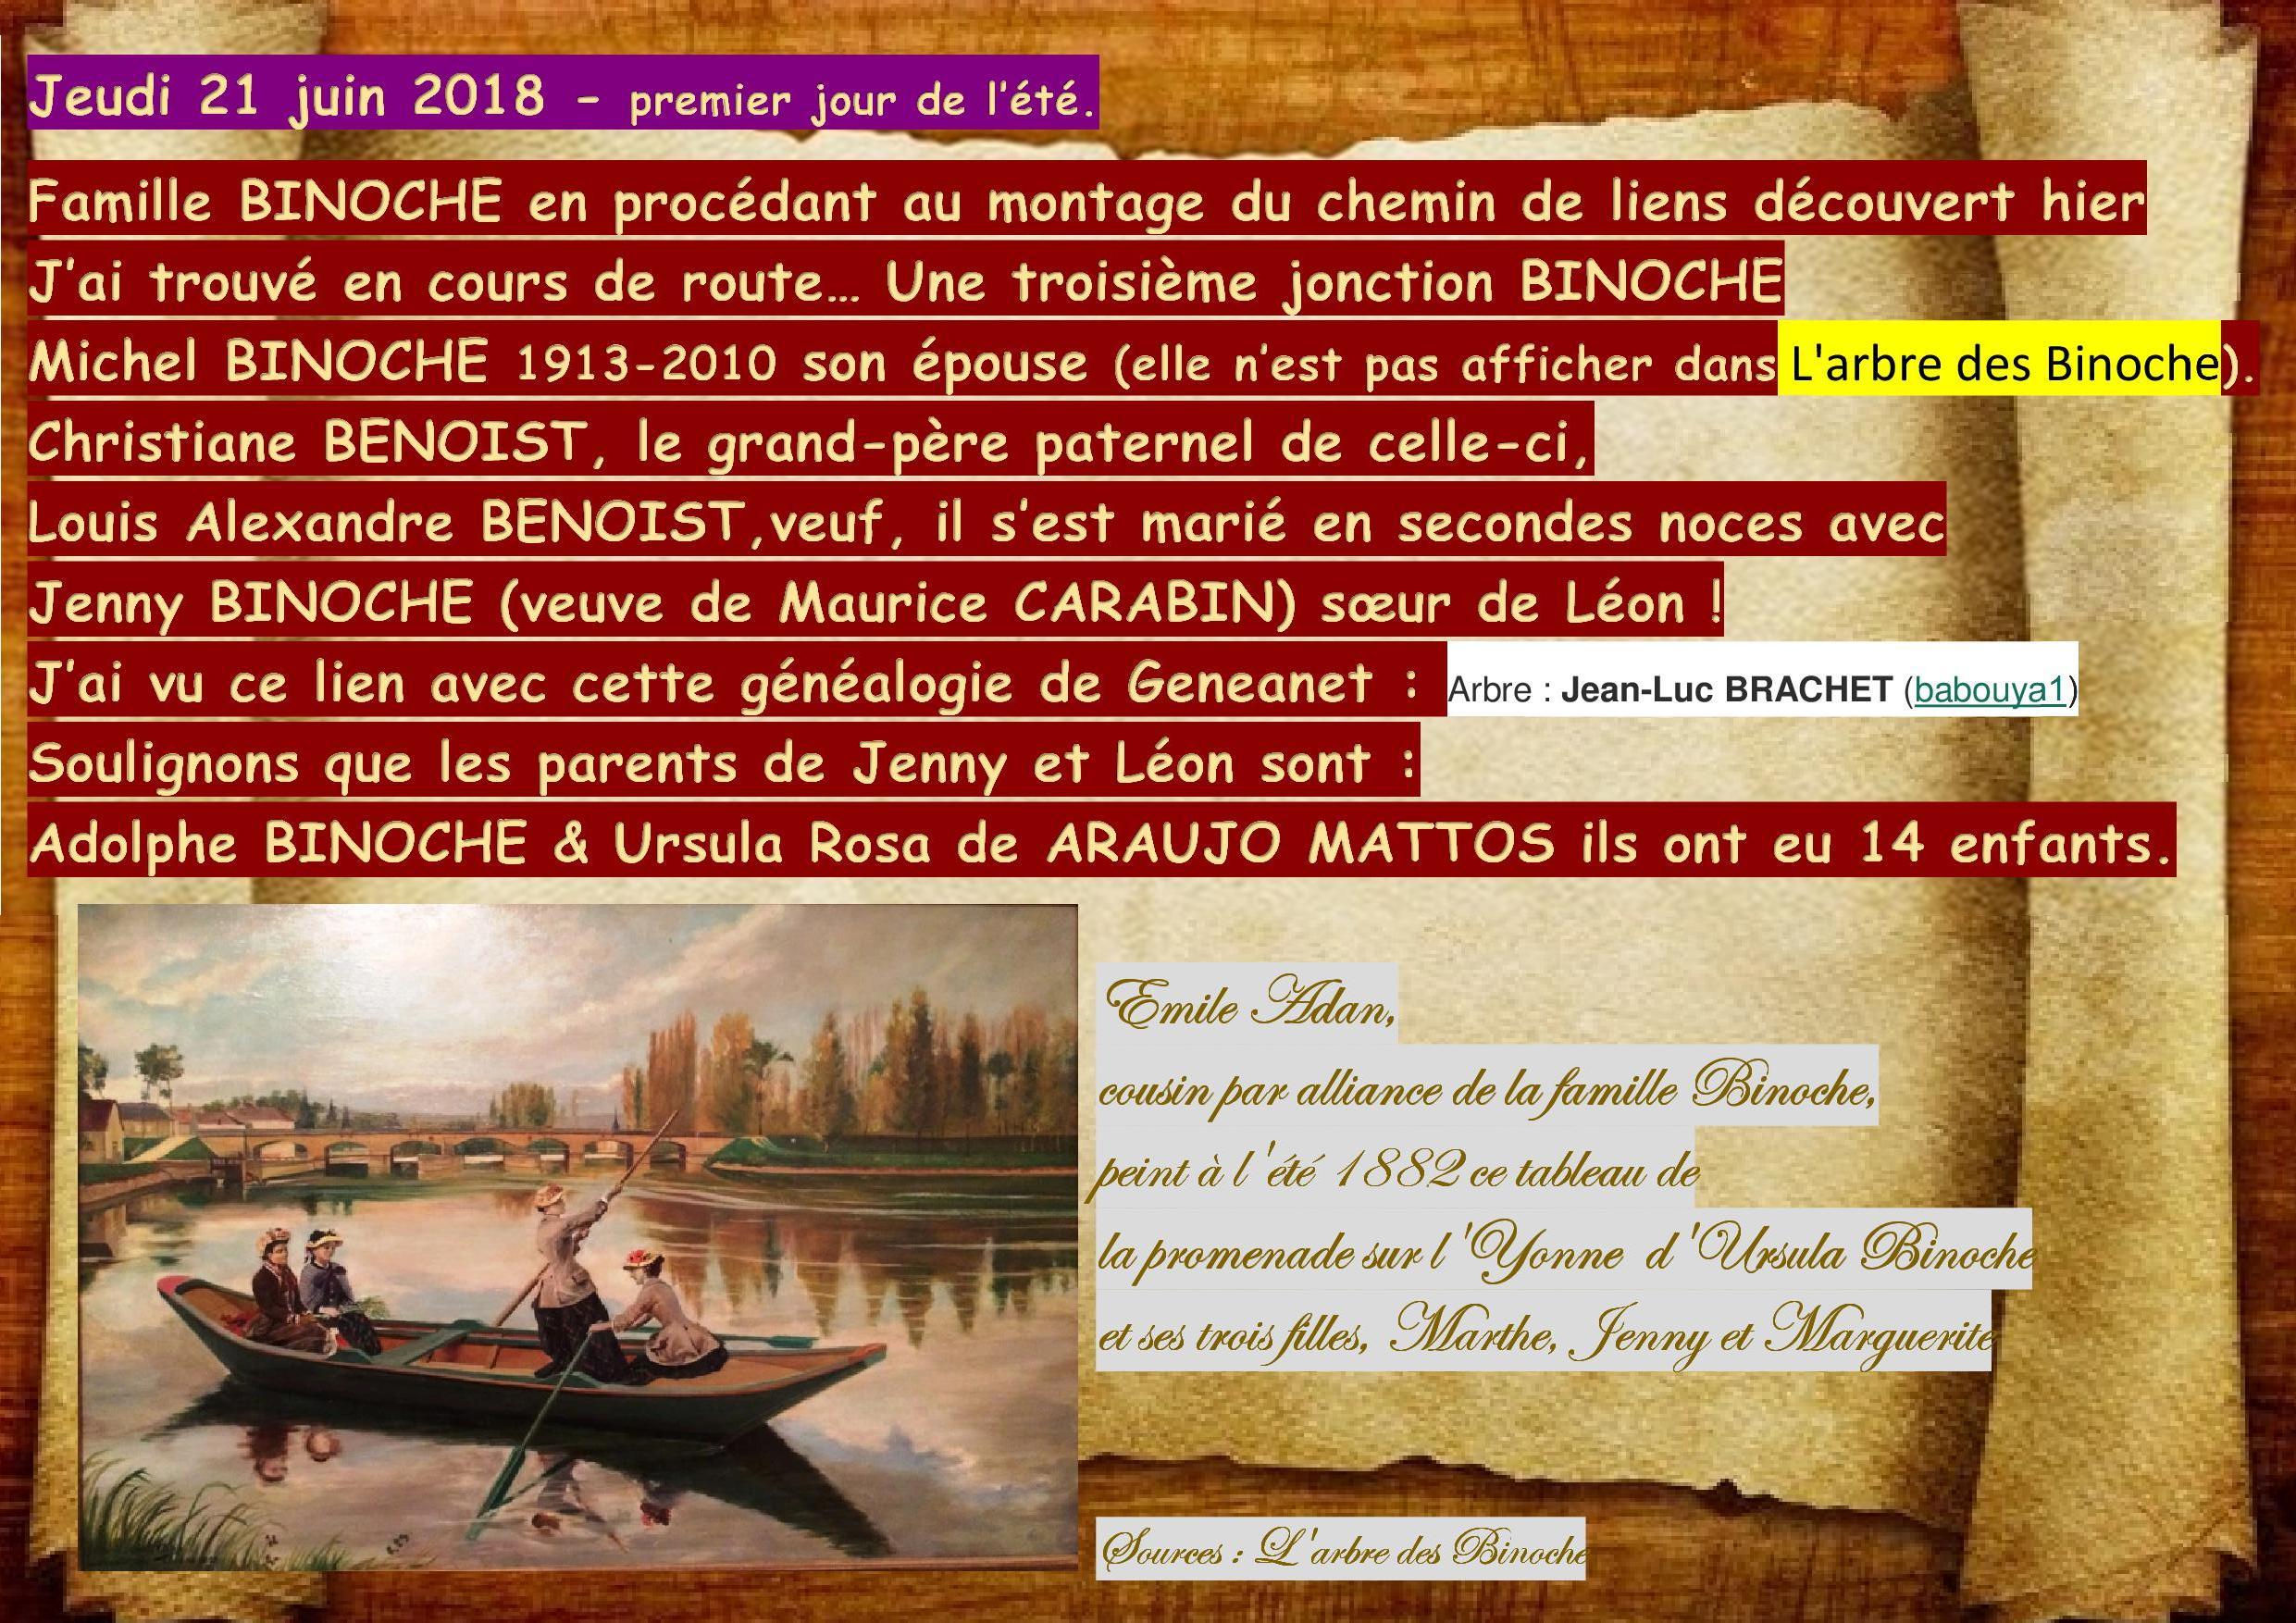 Presentation_de_mes_travaux_genealogiques_du_mois_de_juin_201817_001.jpg